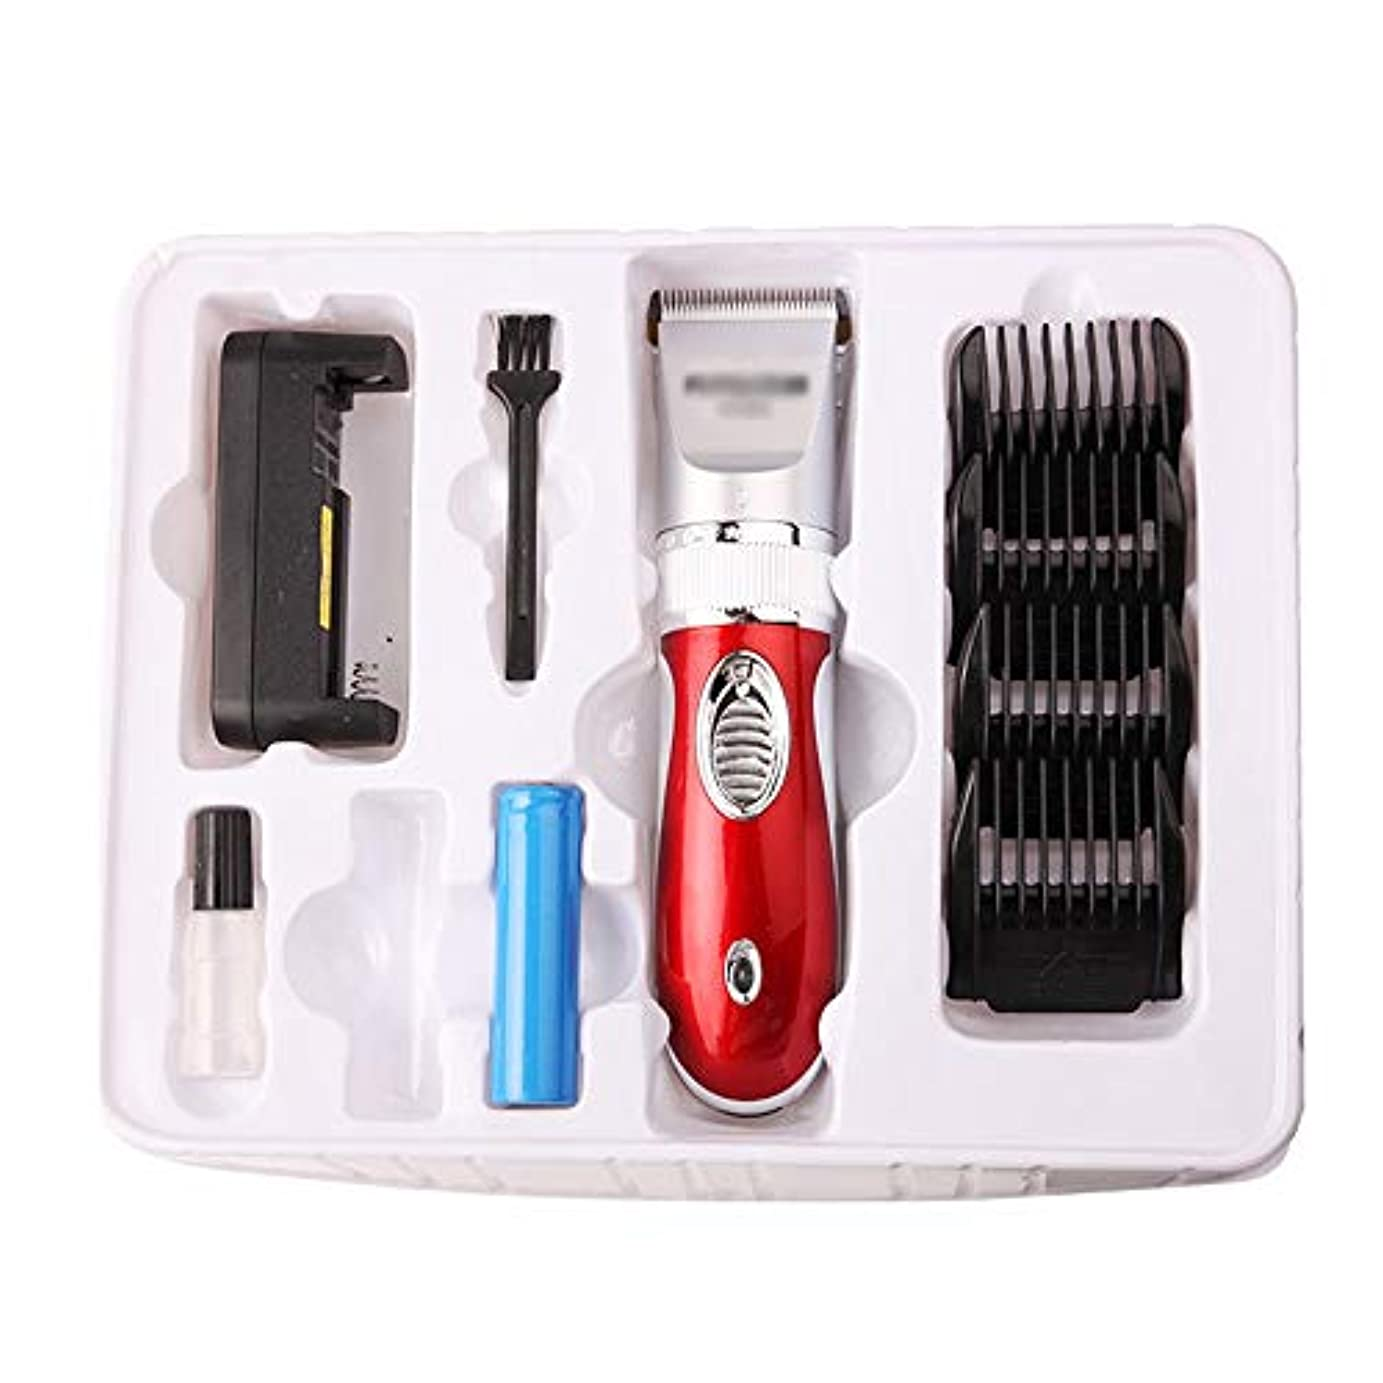 コンプリートパートナー属性WAKABAFK デュアルバッテリーユニバーサルセラミックカッターヘッド電気ヘアトリマーを充電低ノイズシェービング散髪バリカン (色 : レッド)